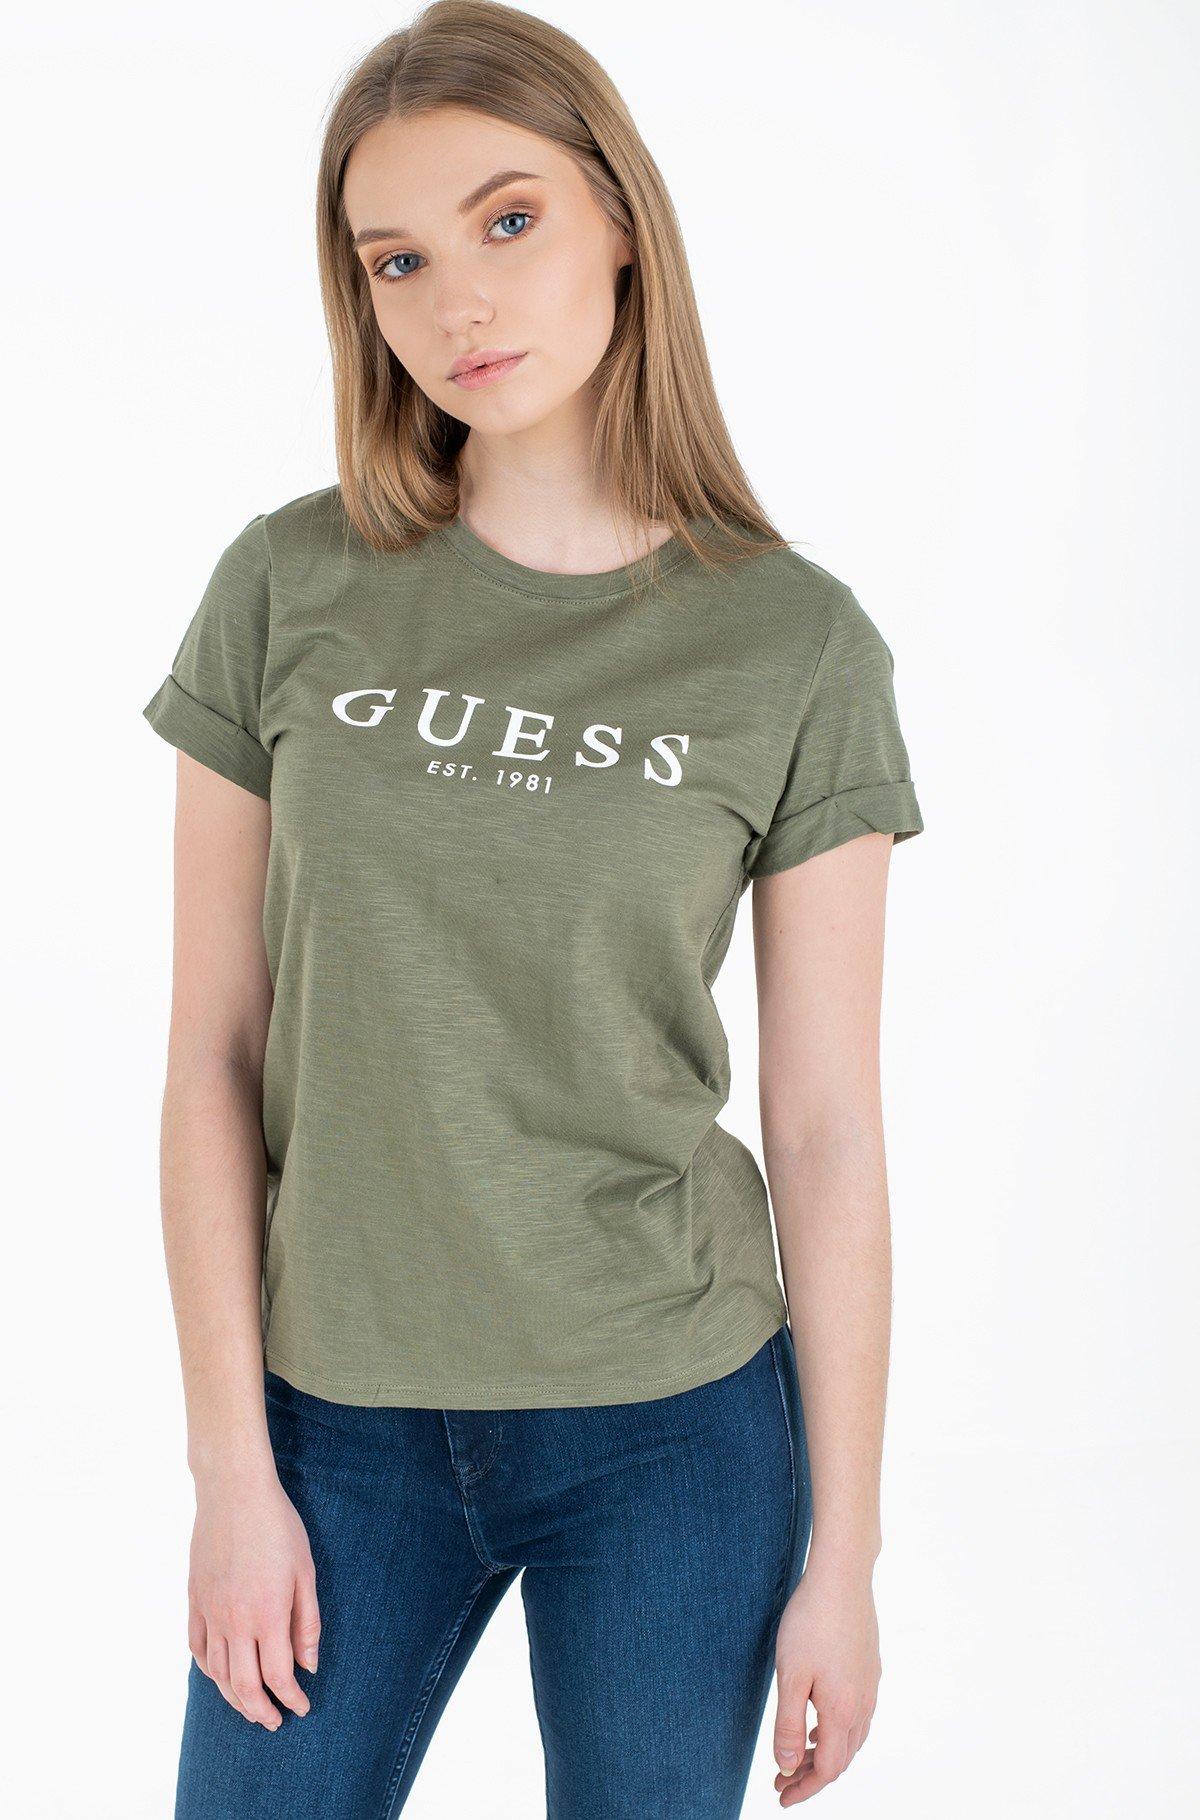 T-shirt W0GI69 R8G01-full-1